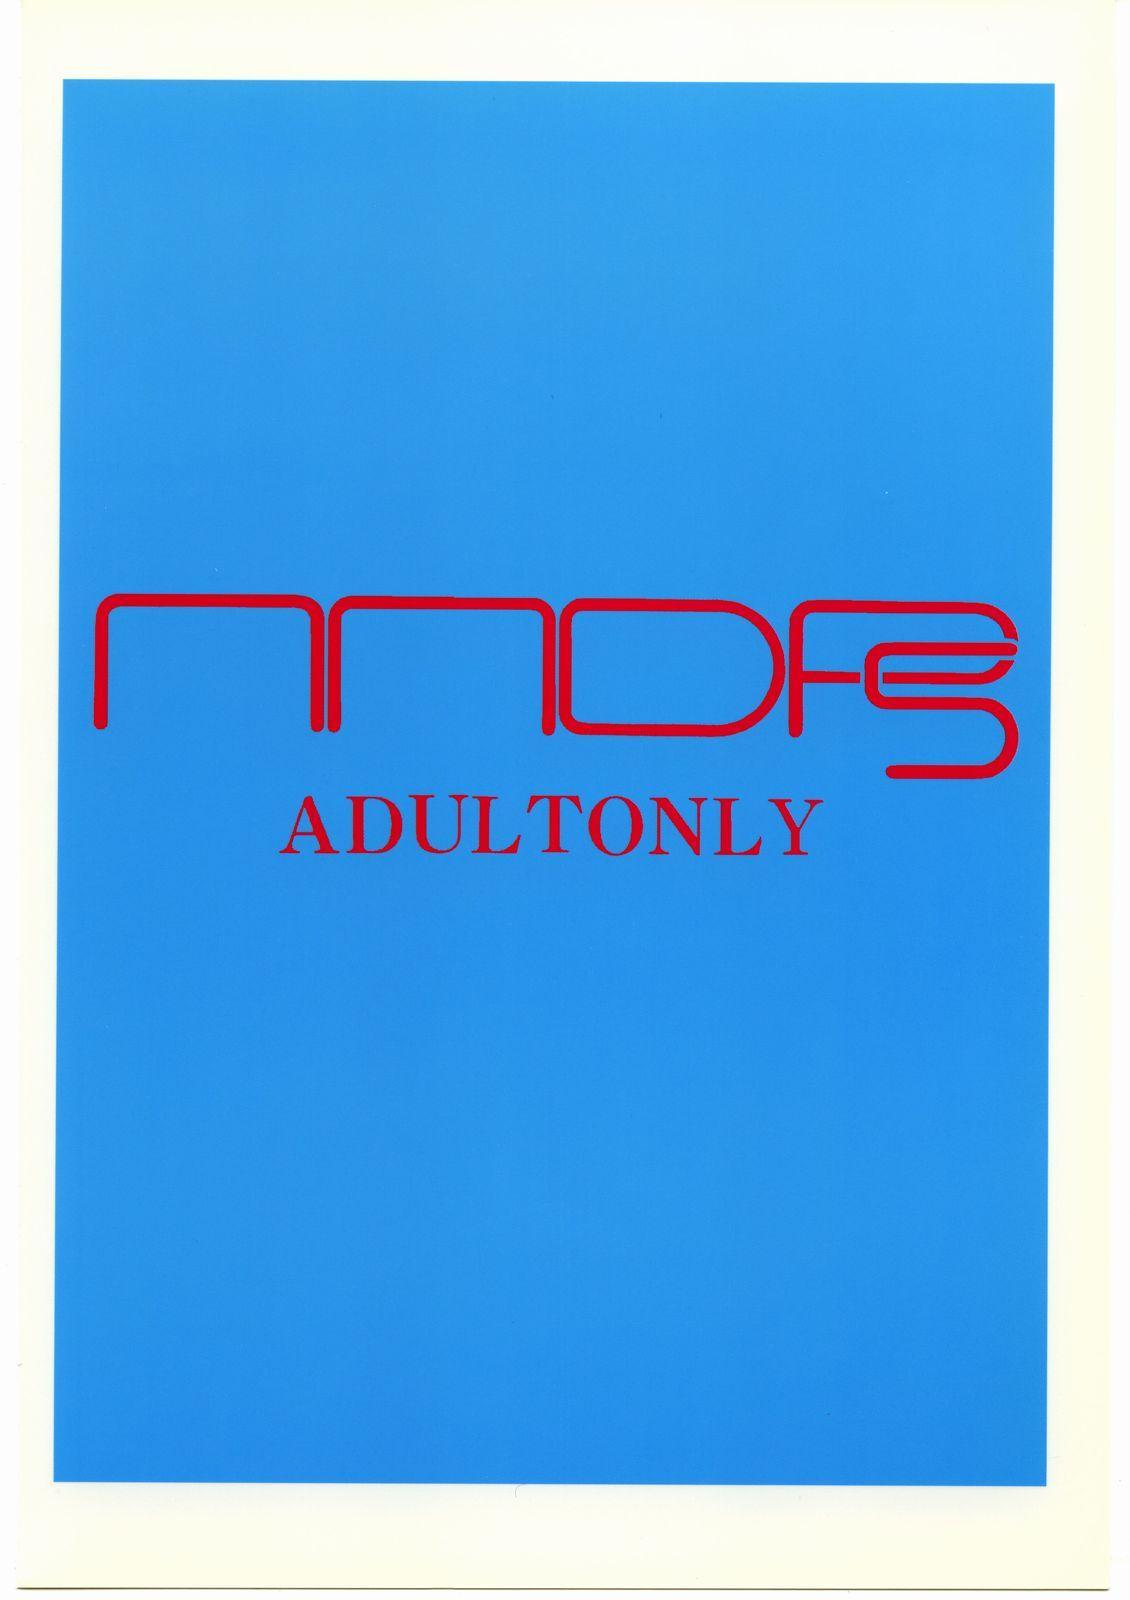 NNDP 5 27